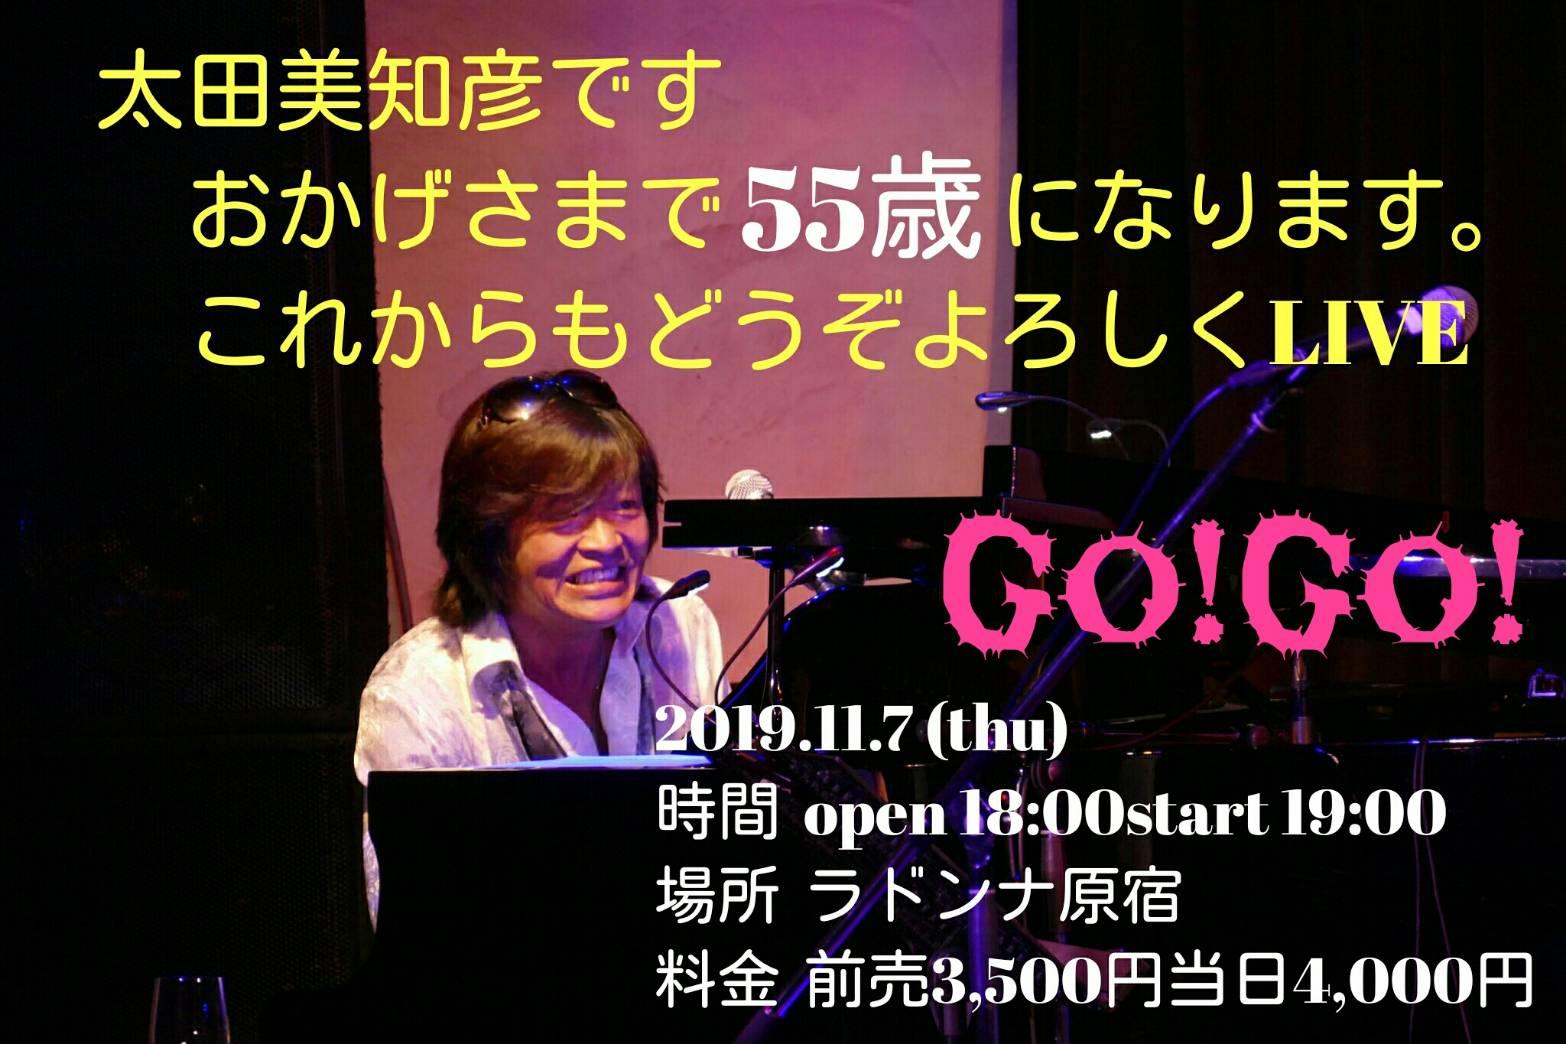 太田 美知彦 Go!Go! ライヴ